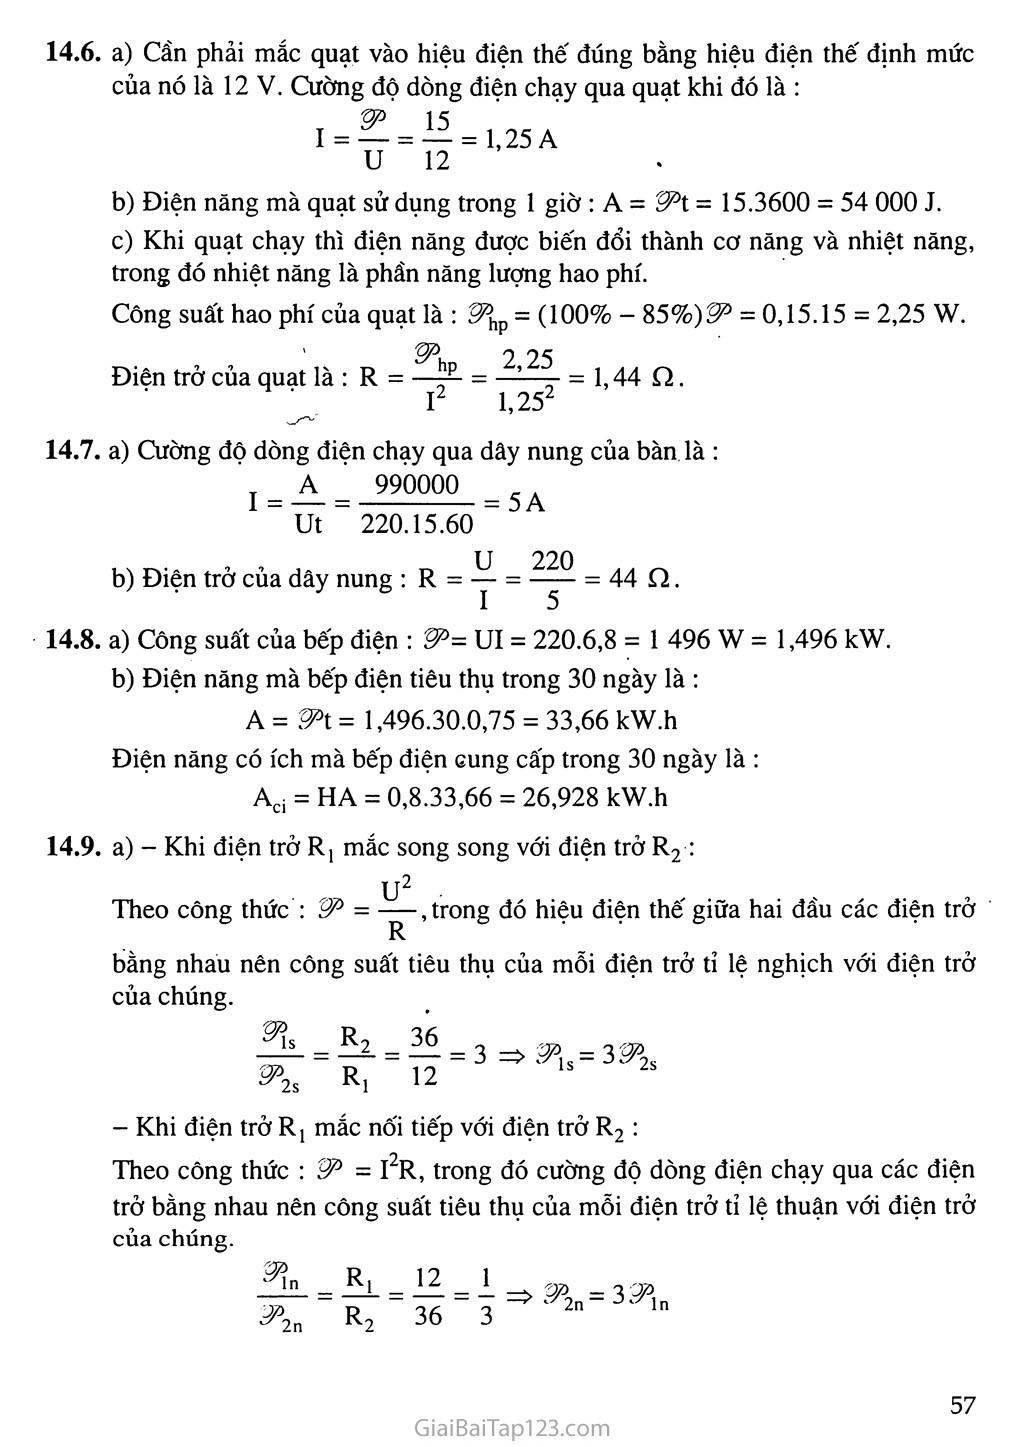 Bài 14: Bài tập về công suất điện và điện năng sử dụng trang 6